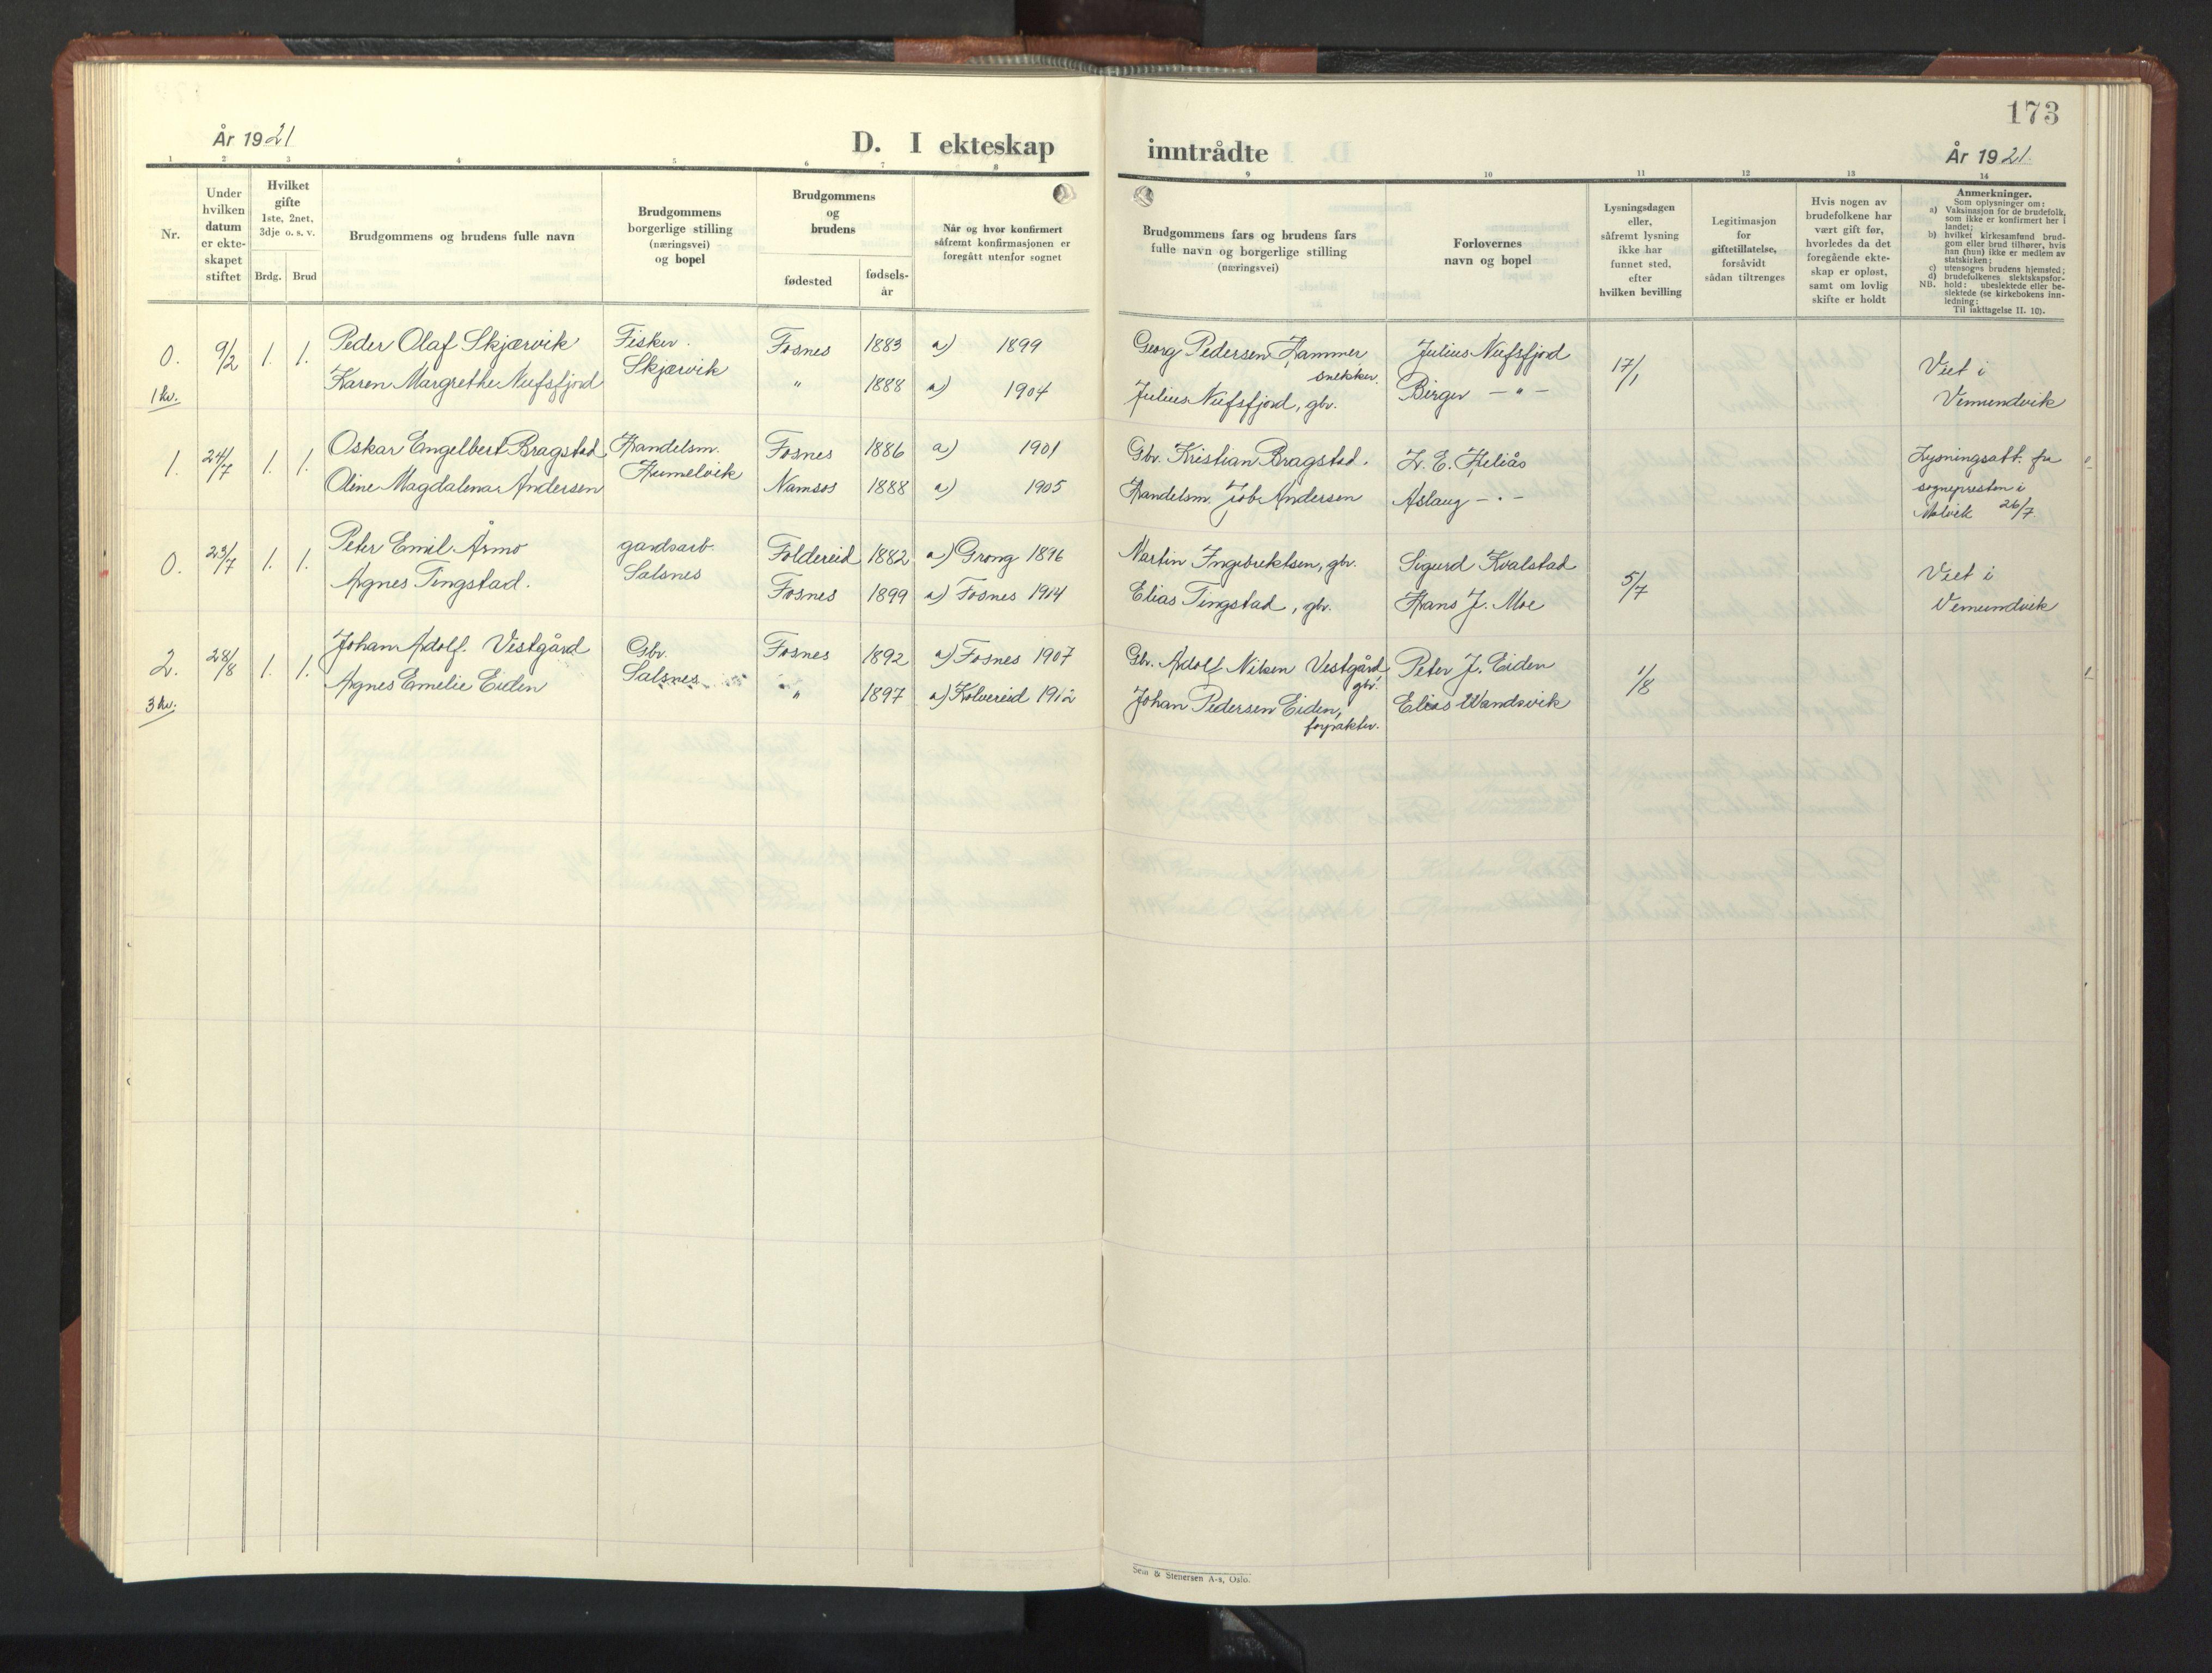 SAT, Ministerialprotokoller, klokkerbøker og fødselsregistre - Nord-Trøndelag, 773/L0625: Klokkerbok nr. 773C01, 1910-1952, s. 173